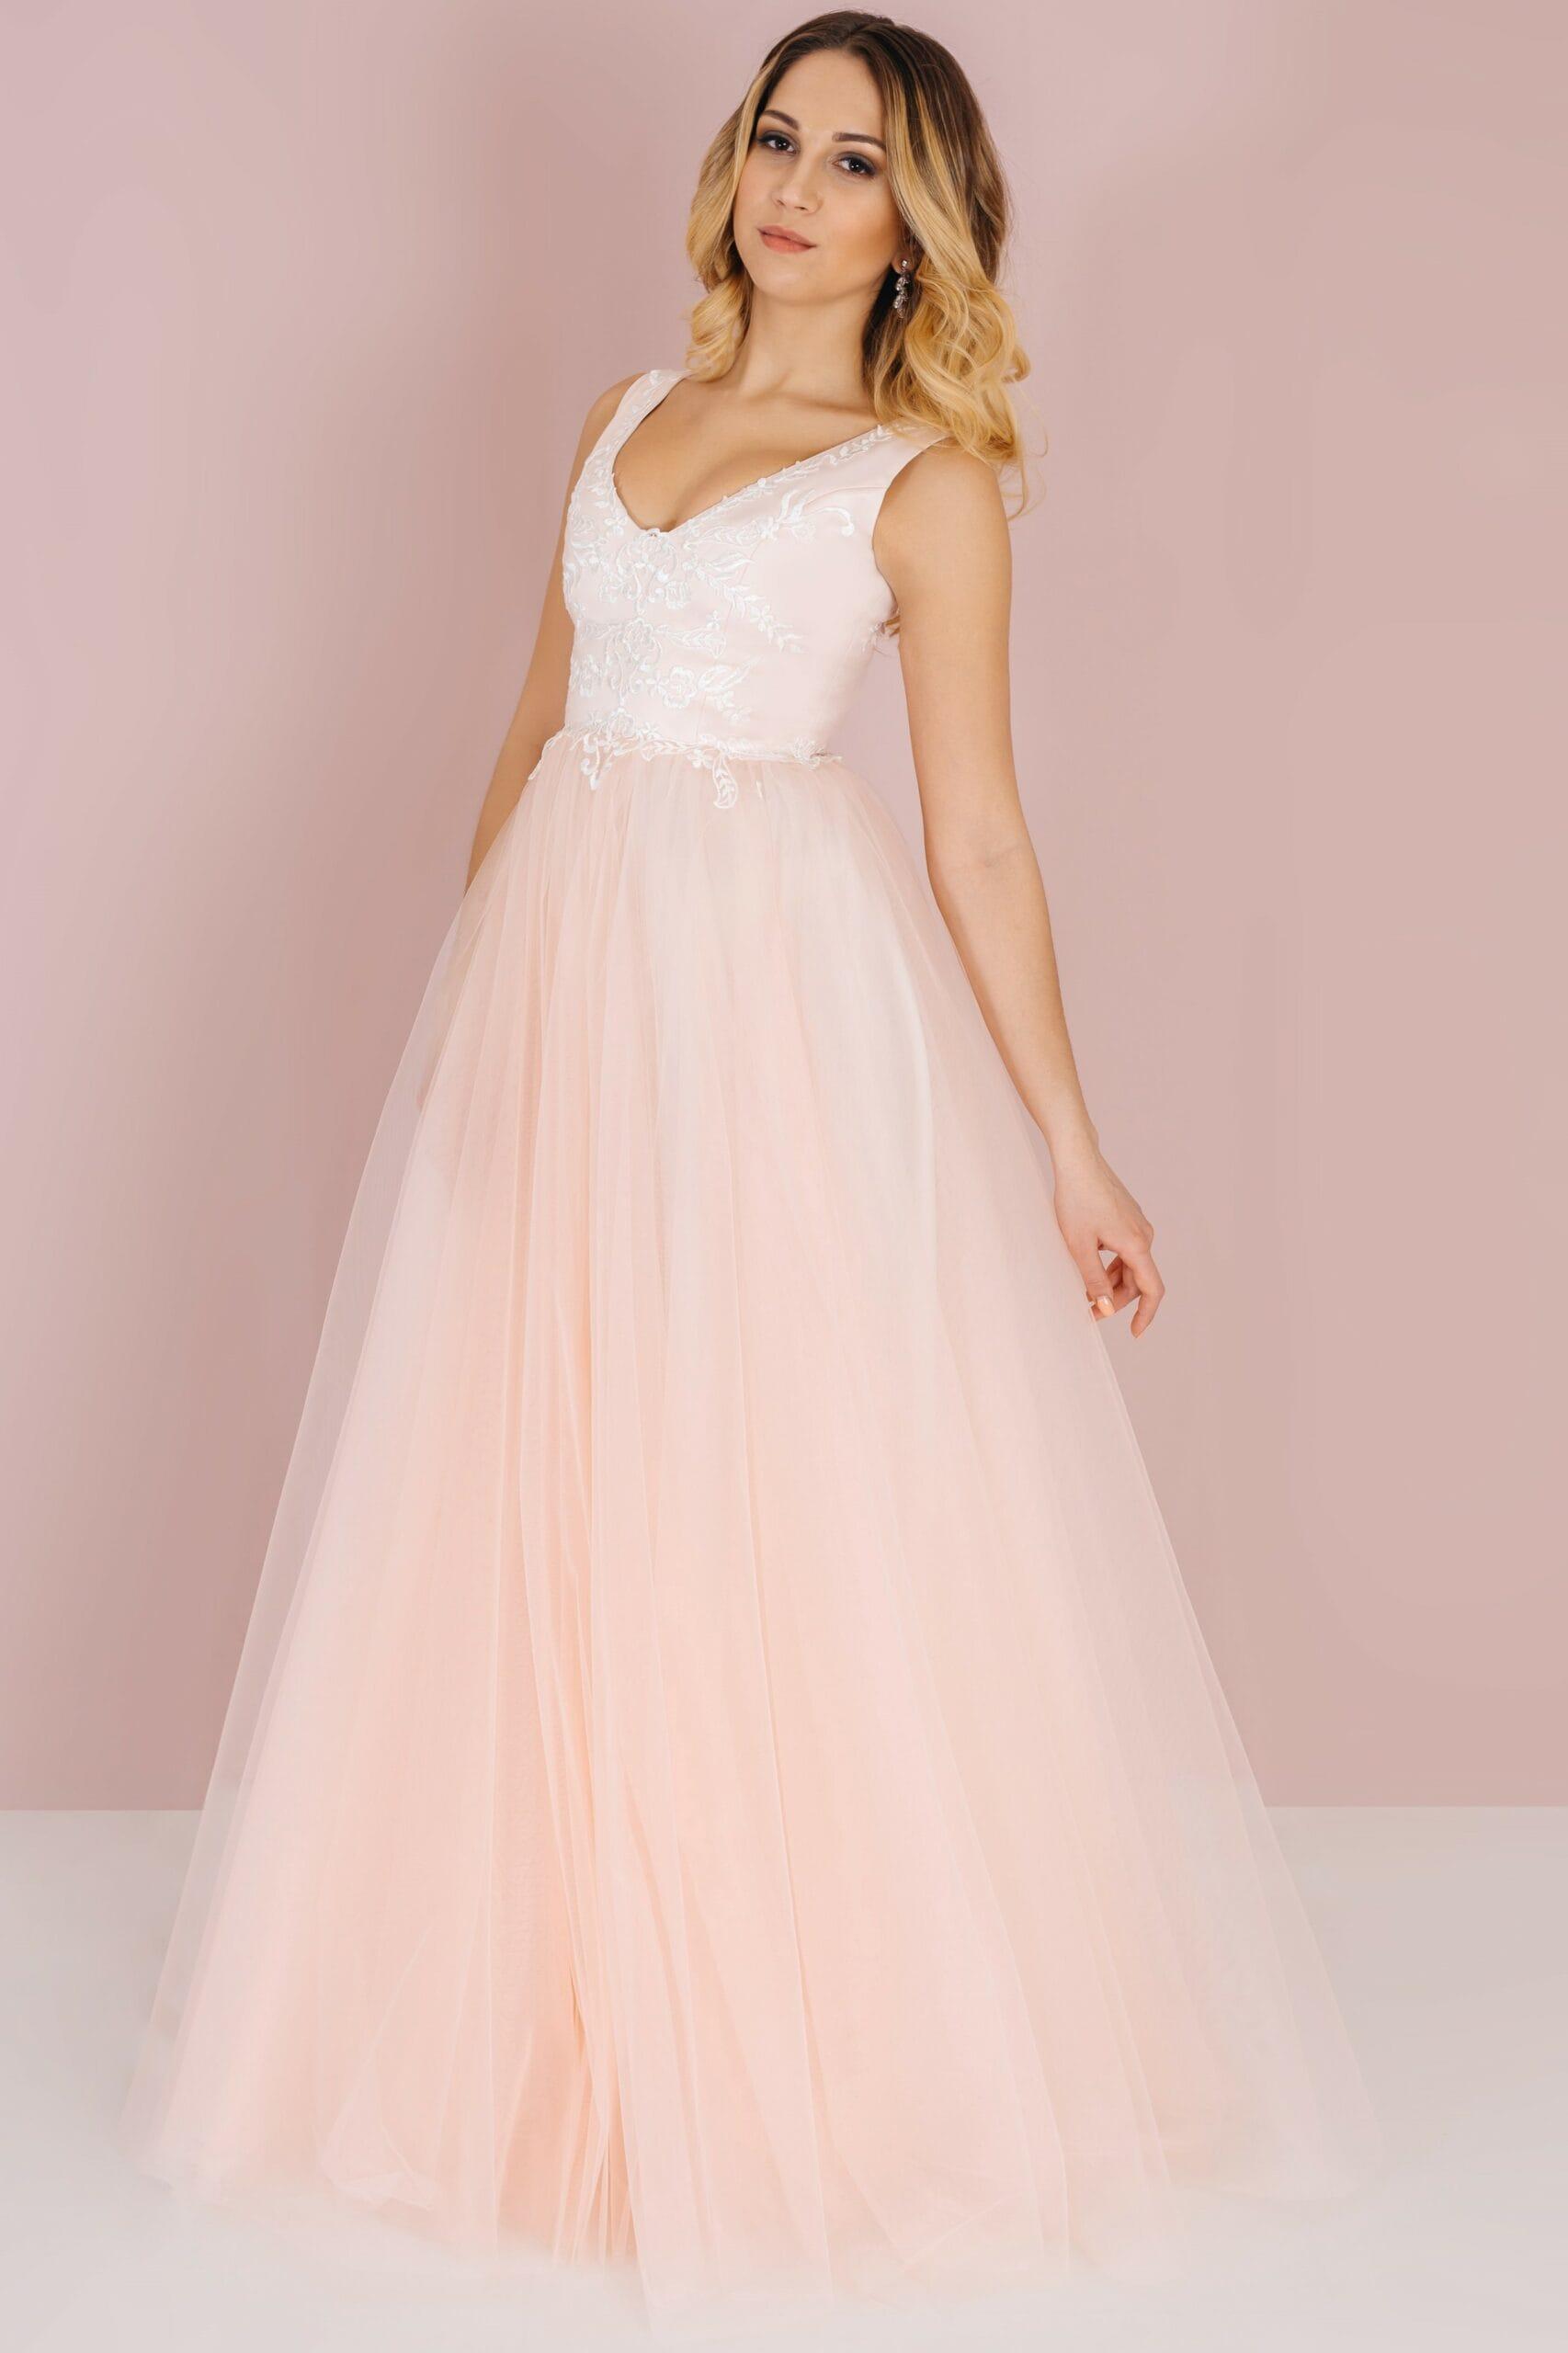 Свадебное платье AMELI, коллекция LOFT, бренд RARE BRIDAL, фото 1